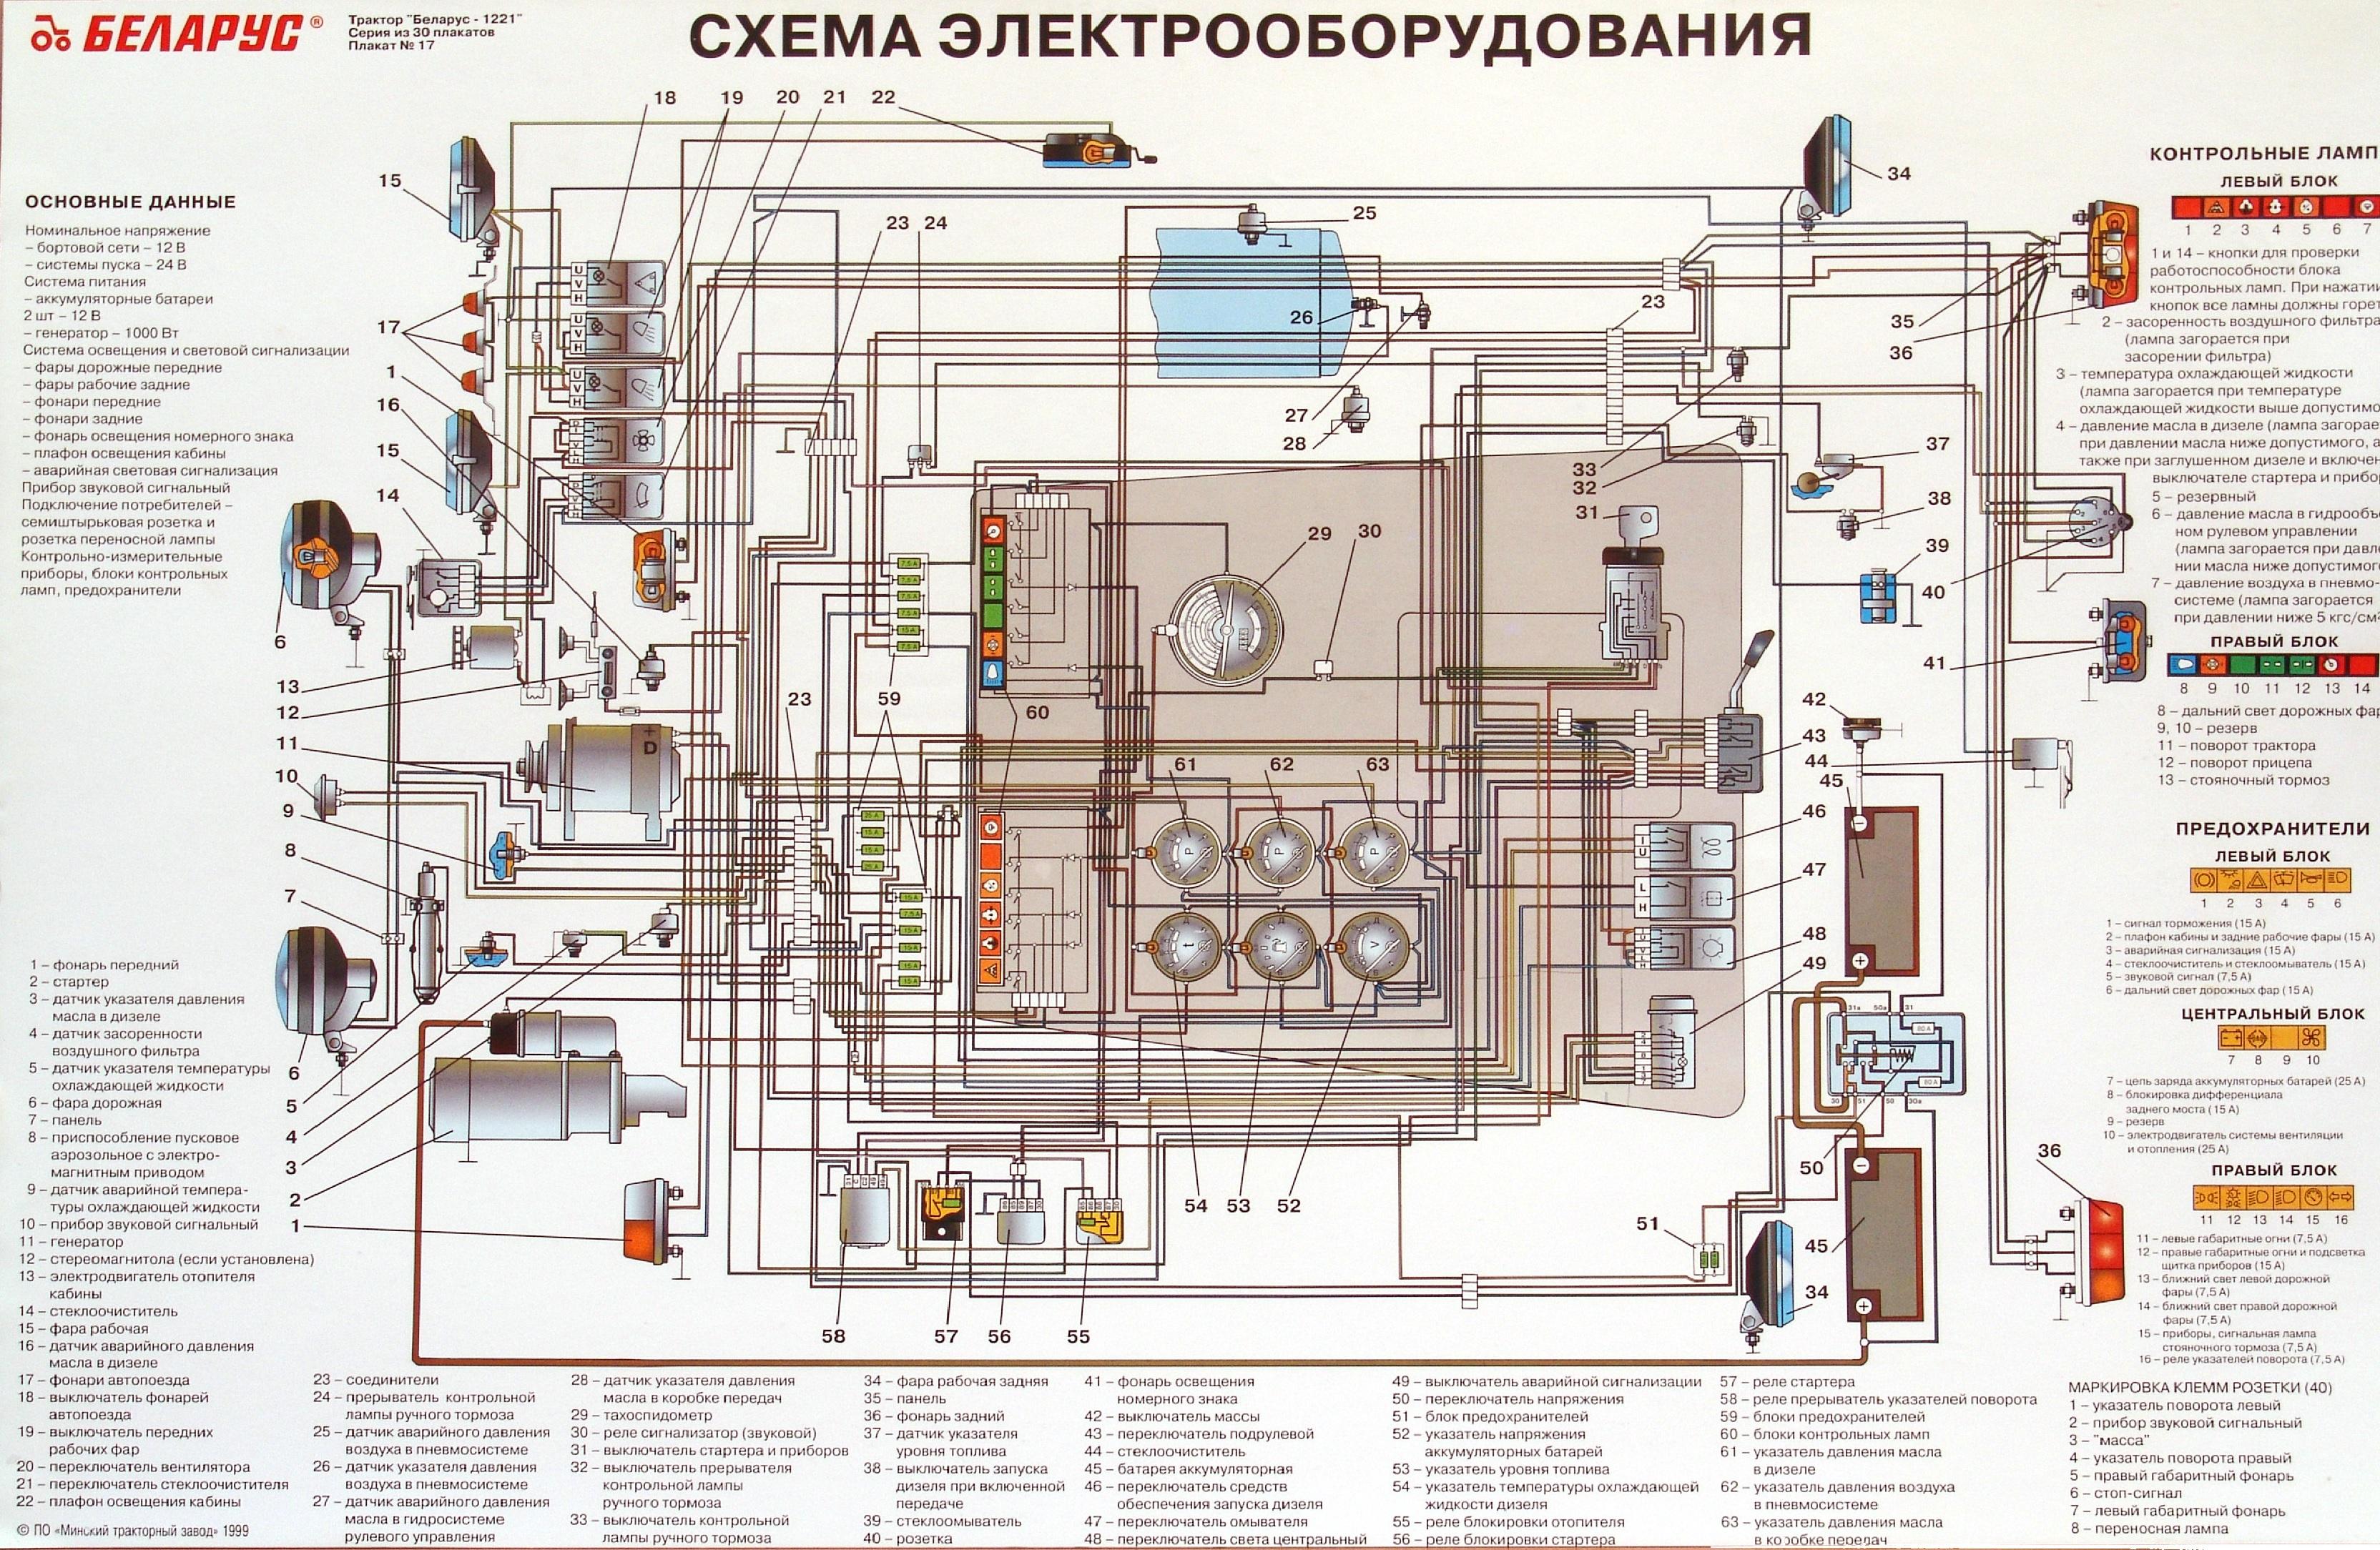 СХЕМА ЭЛЕКТРООБОРУДОВАНИЯ ТРАКТОРА МТЗ-80, МТЗ-82.